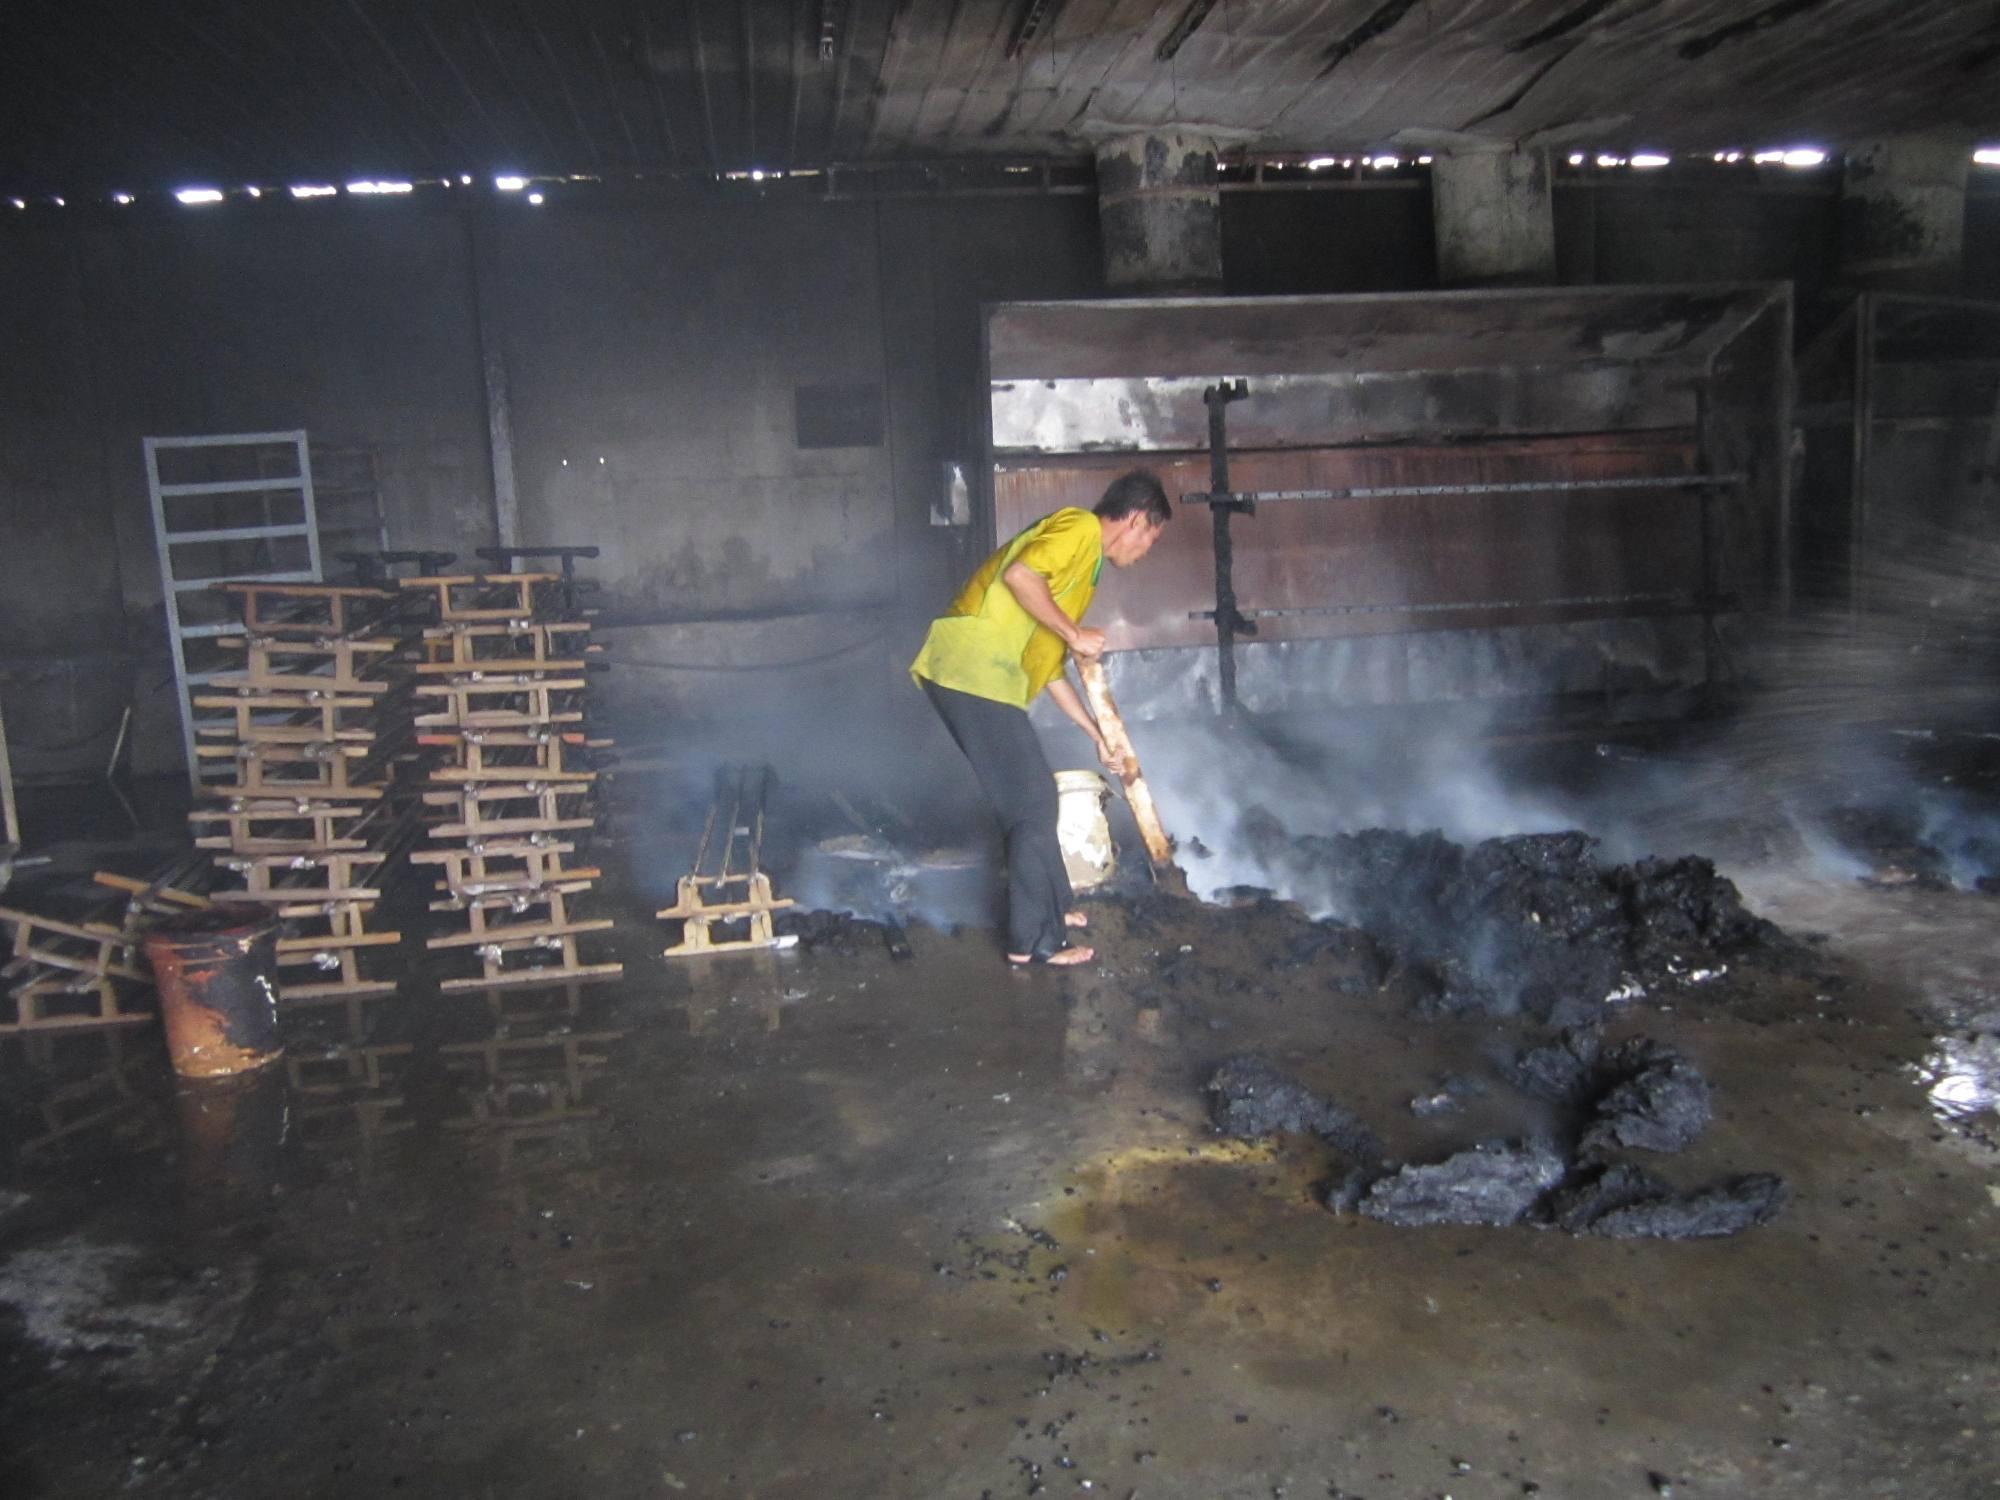 Dù ngọn lửa đã được khống chế nhưng khói vẫn bốc lên nghi ngút bên trong.